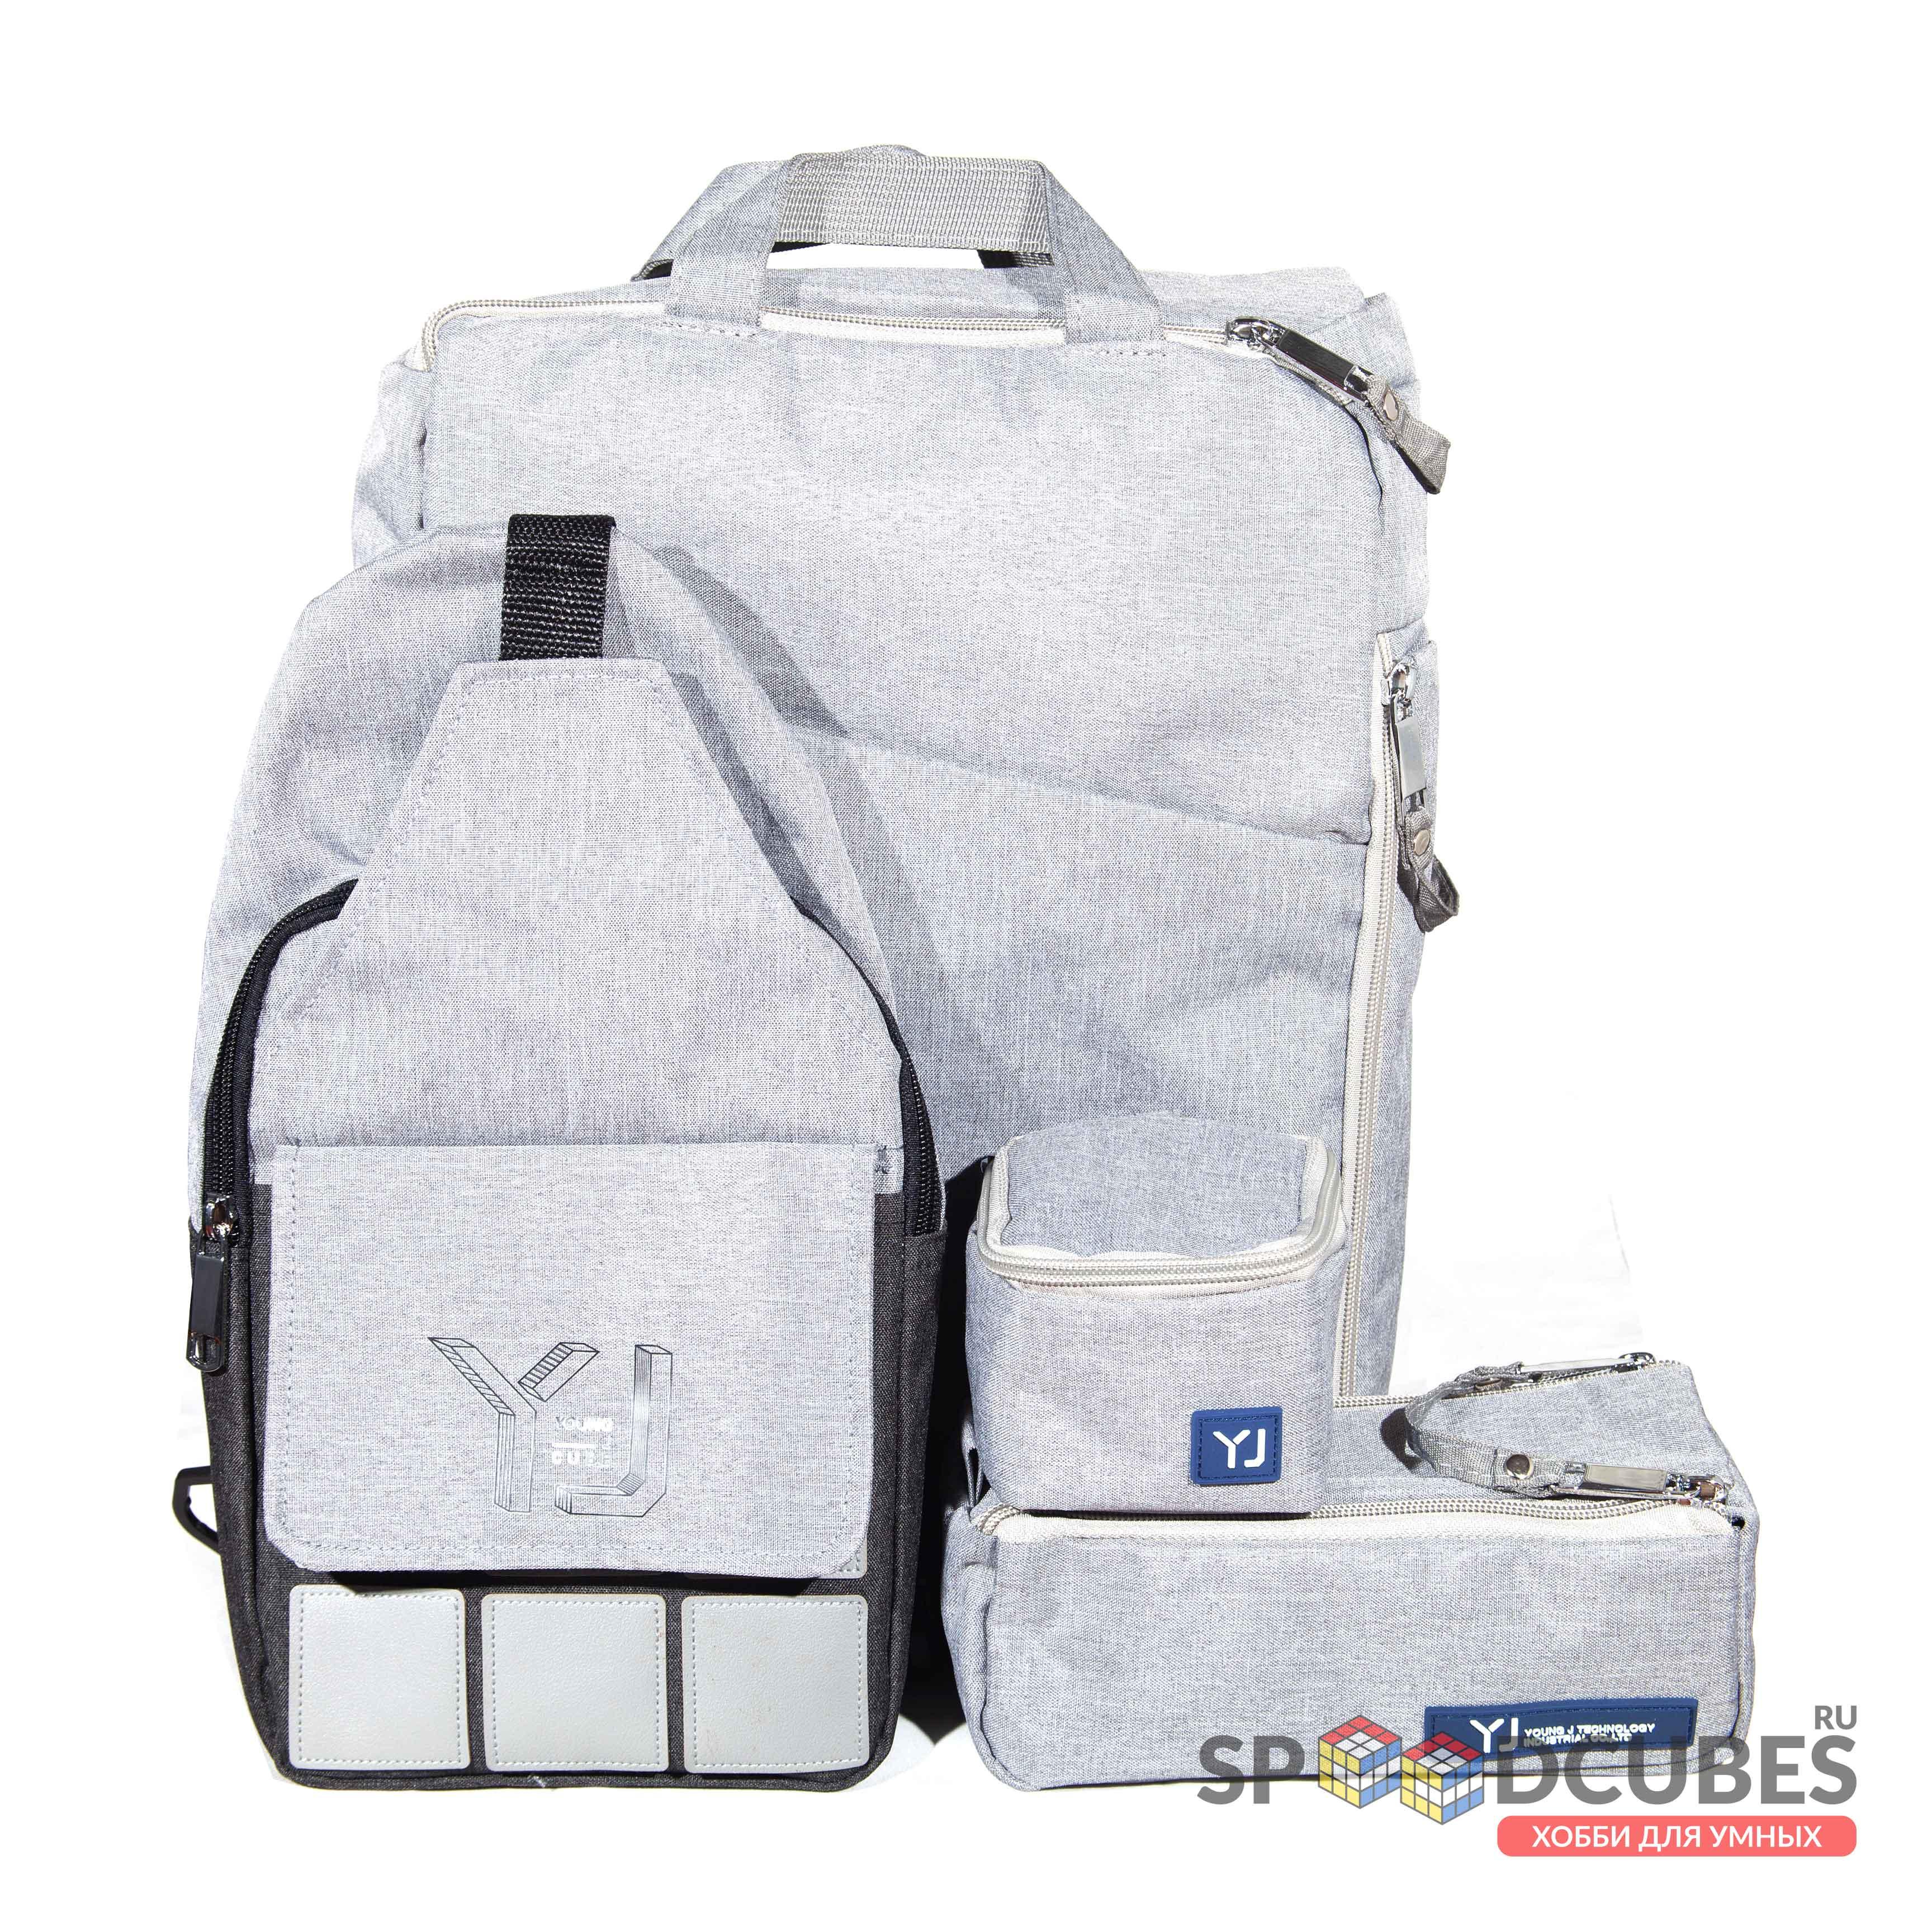 Набор сумок YJ